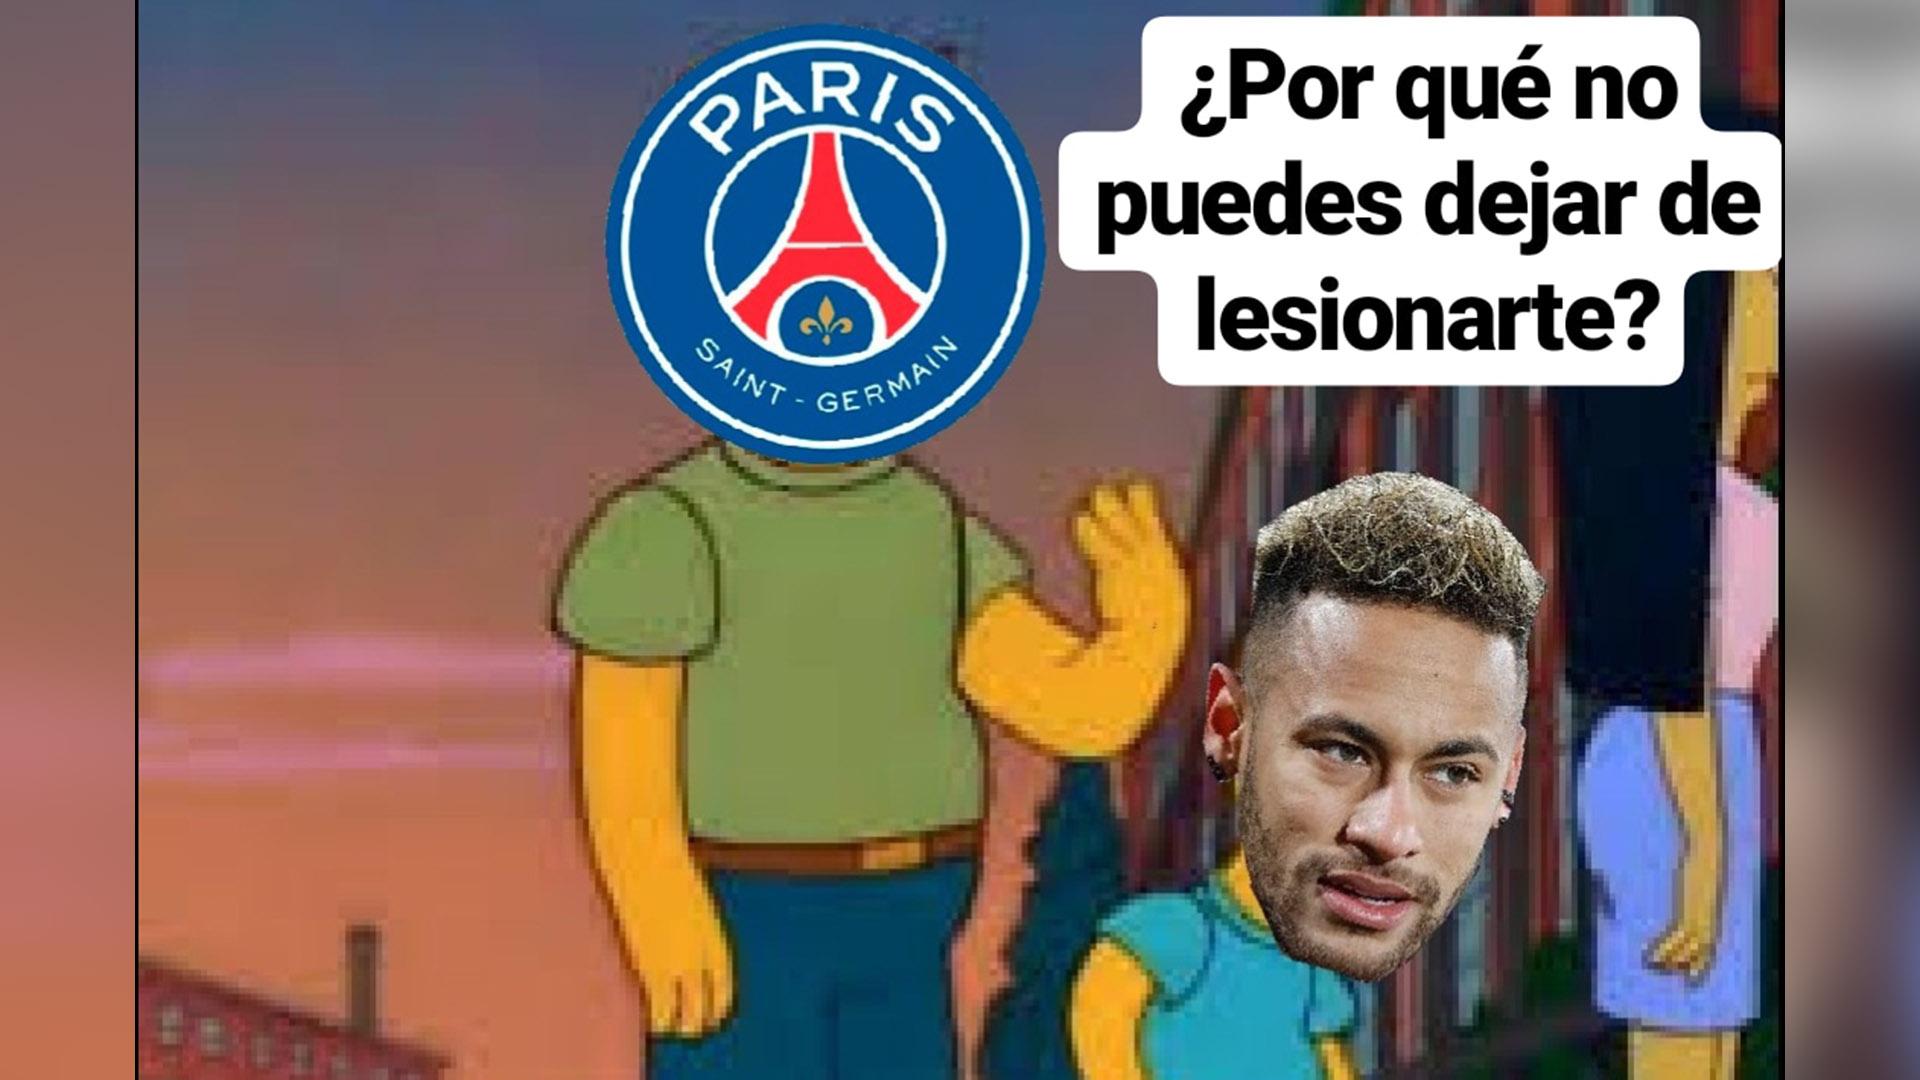 Los usuarios apuntaron a Neymar en sus memes